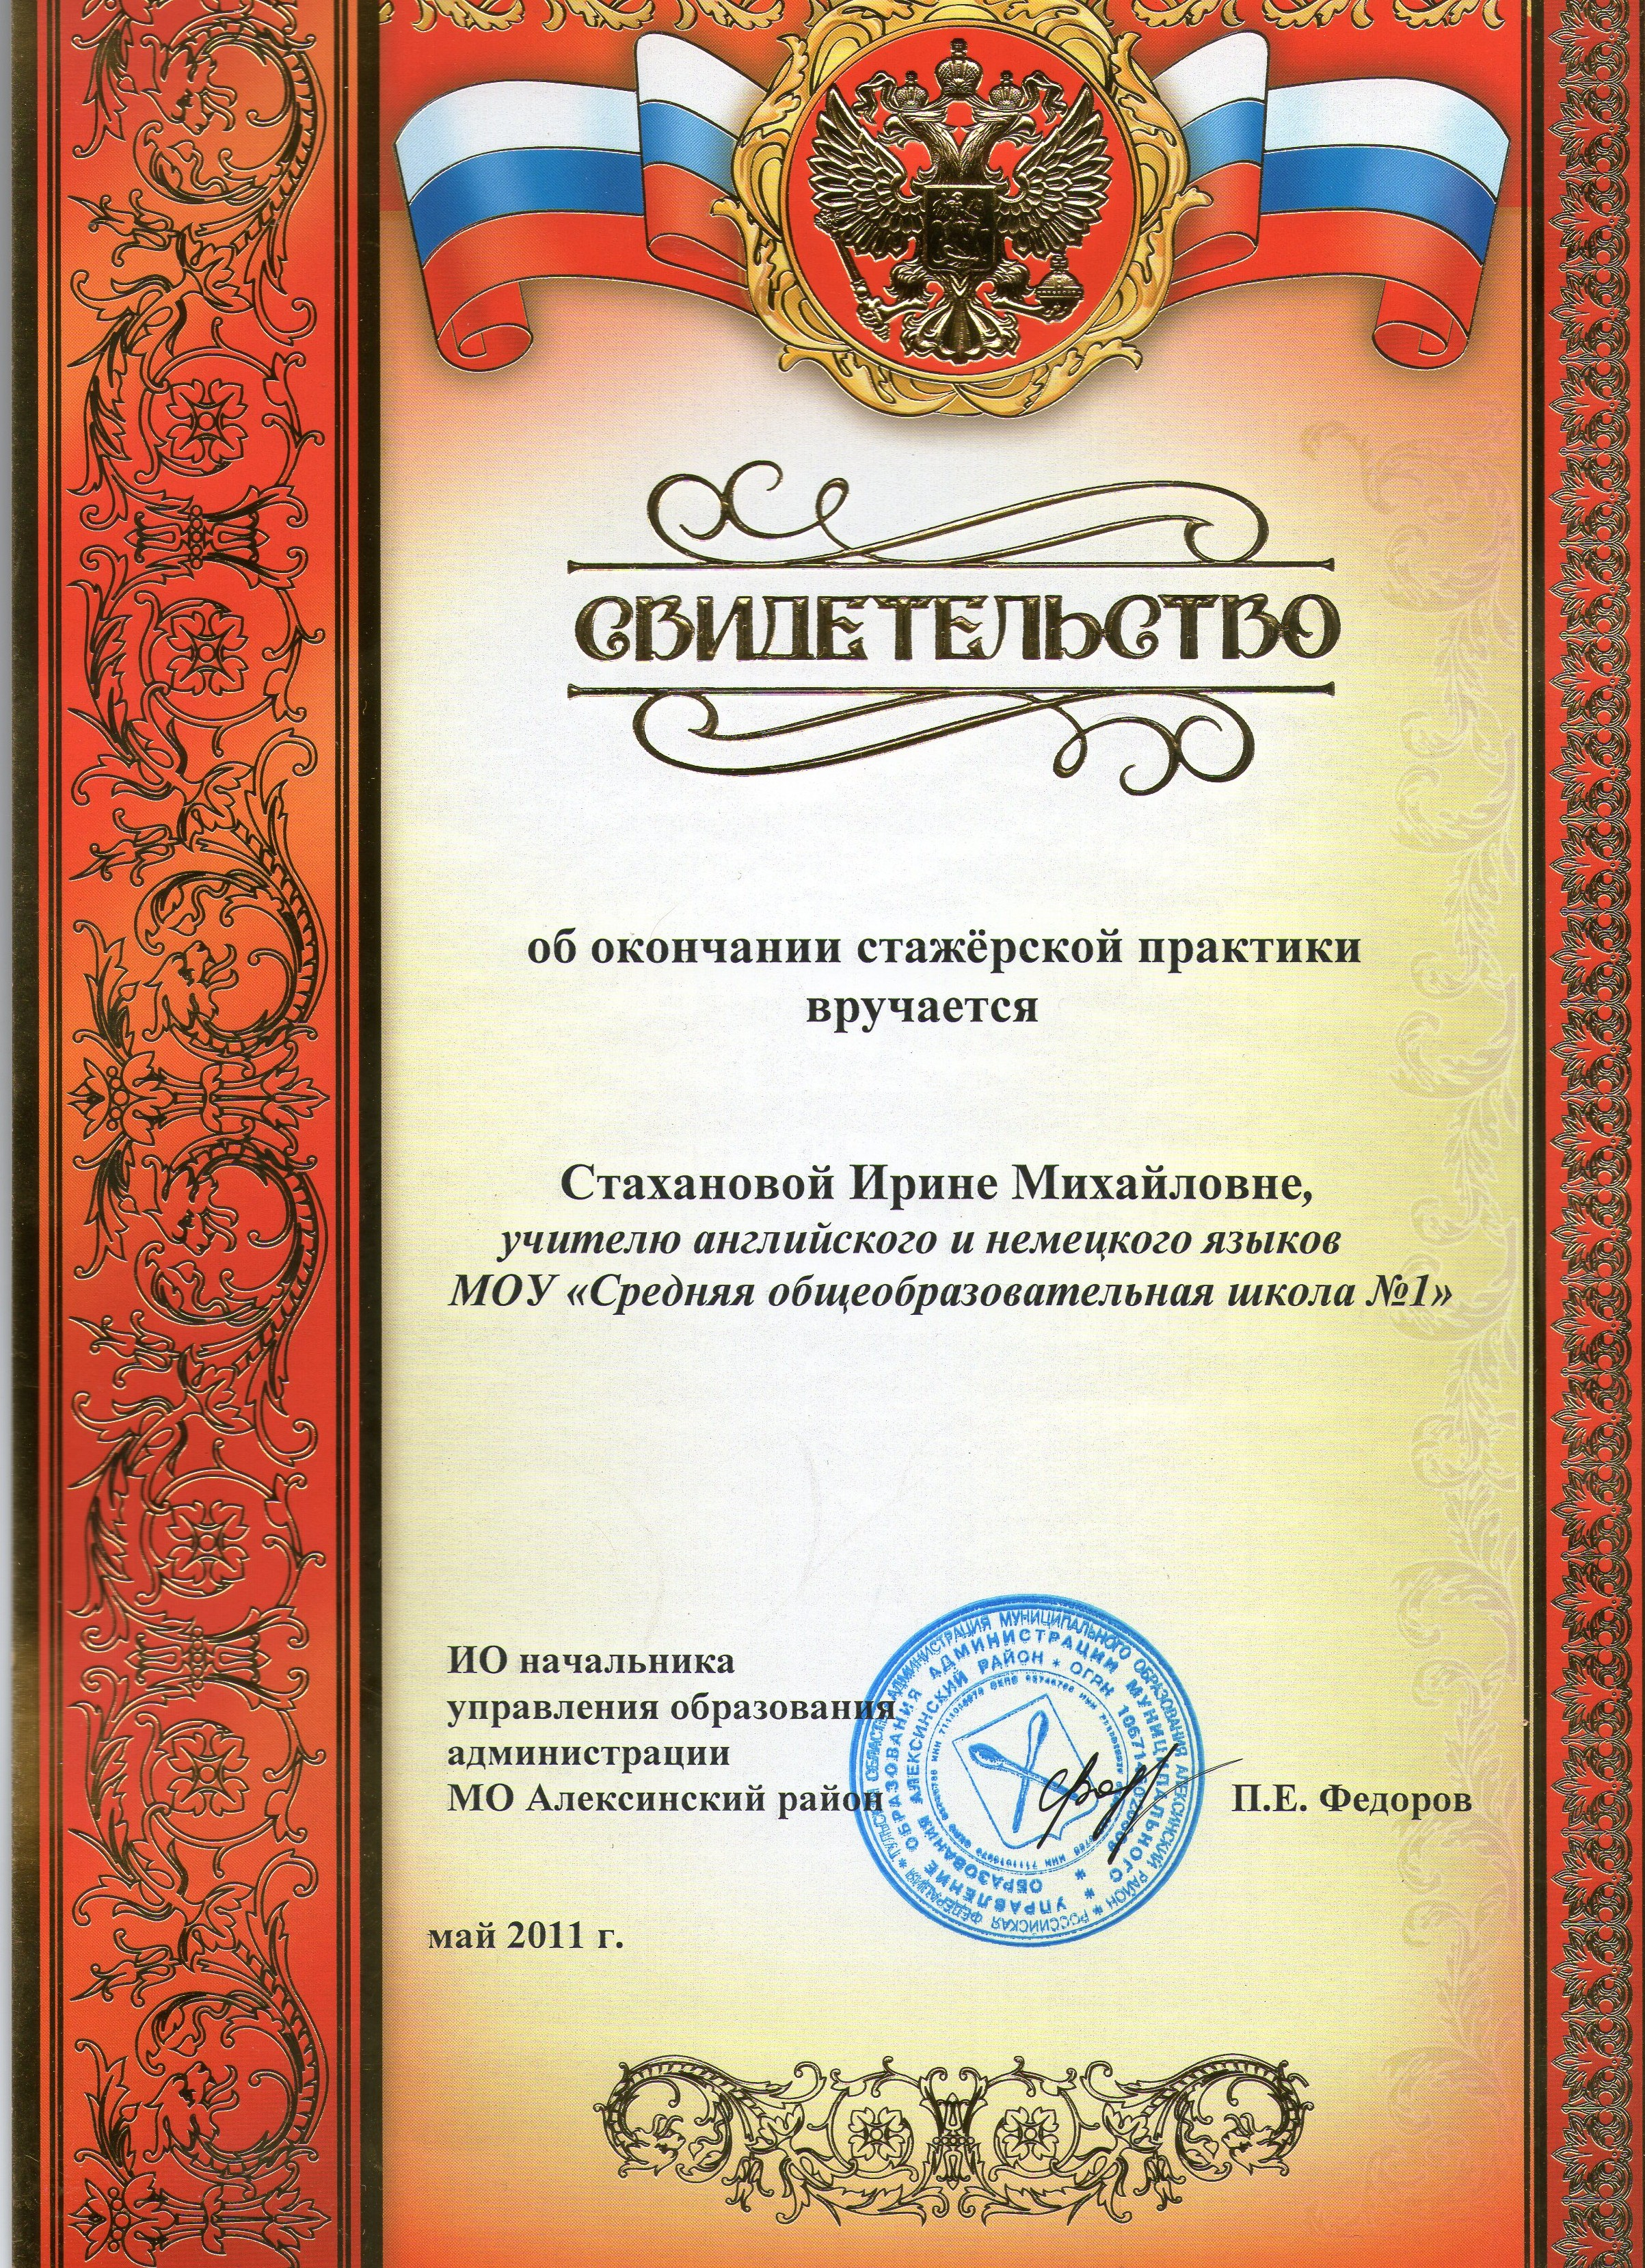 Алексинъ градЪ - Главная страница